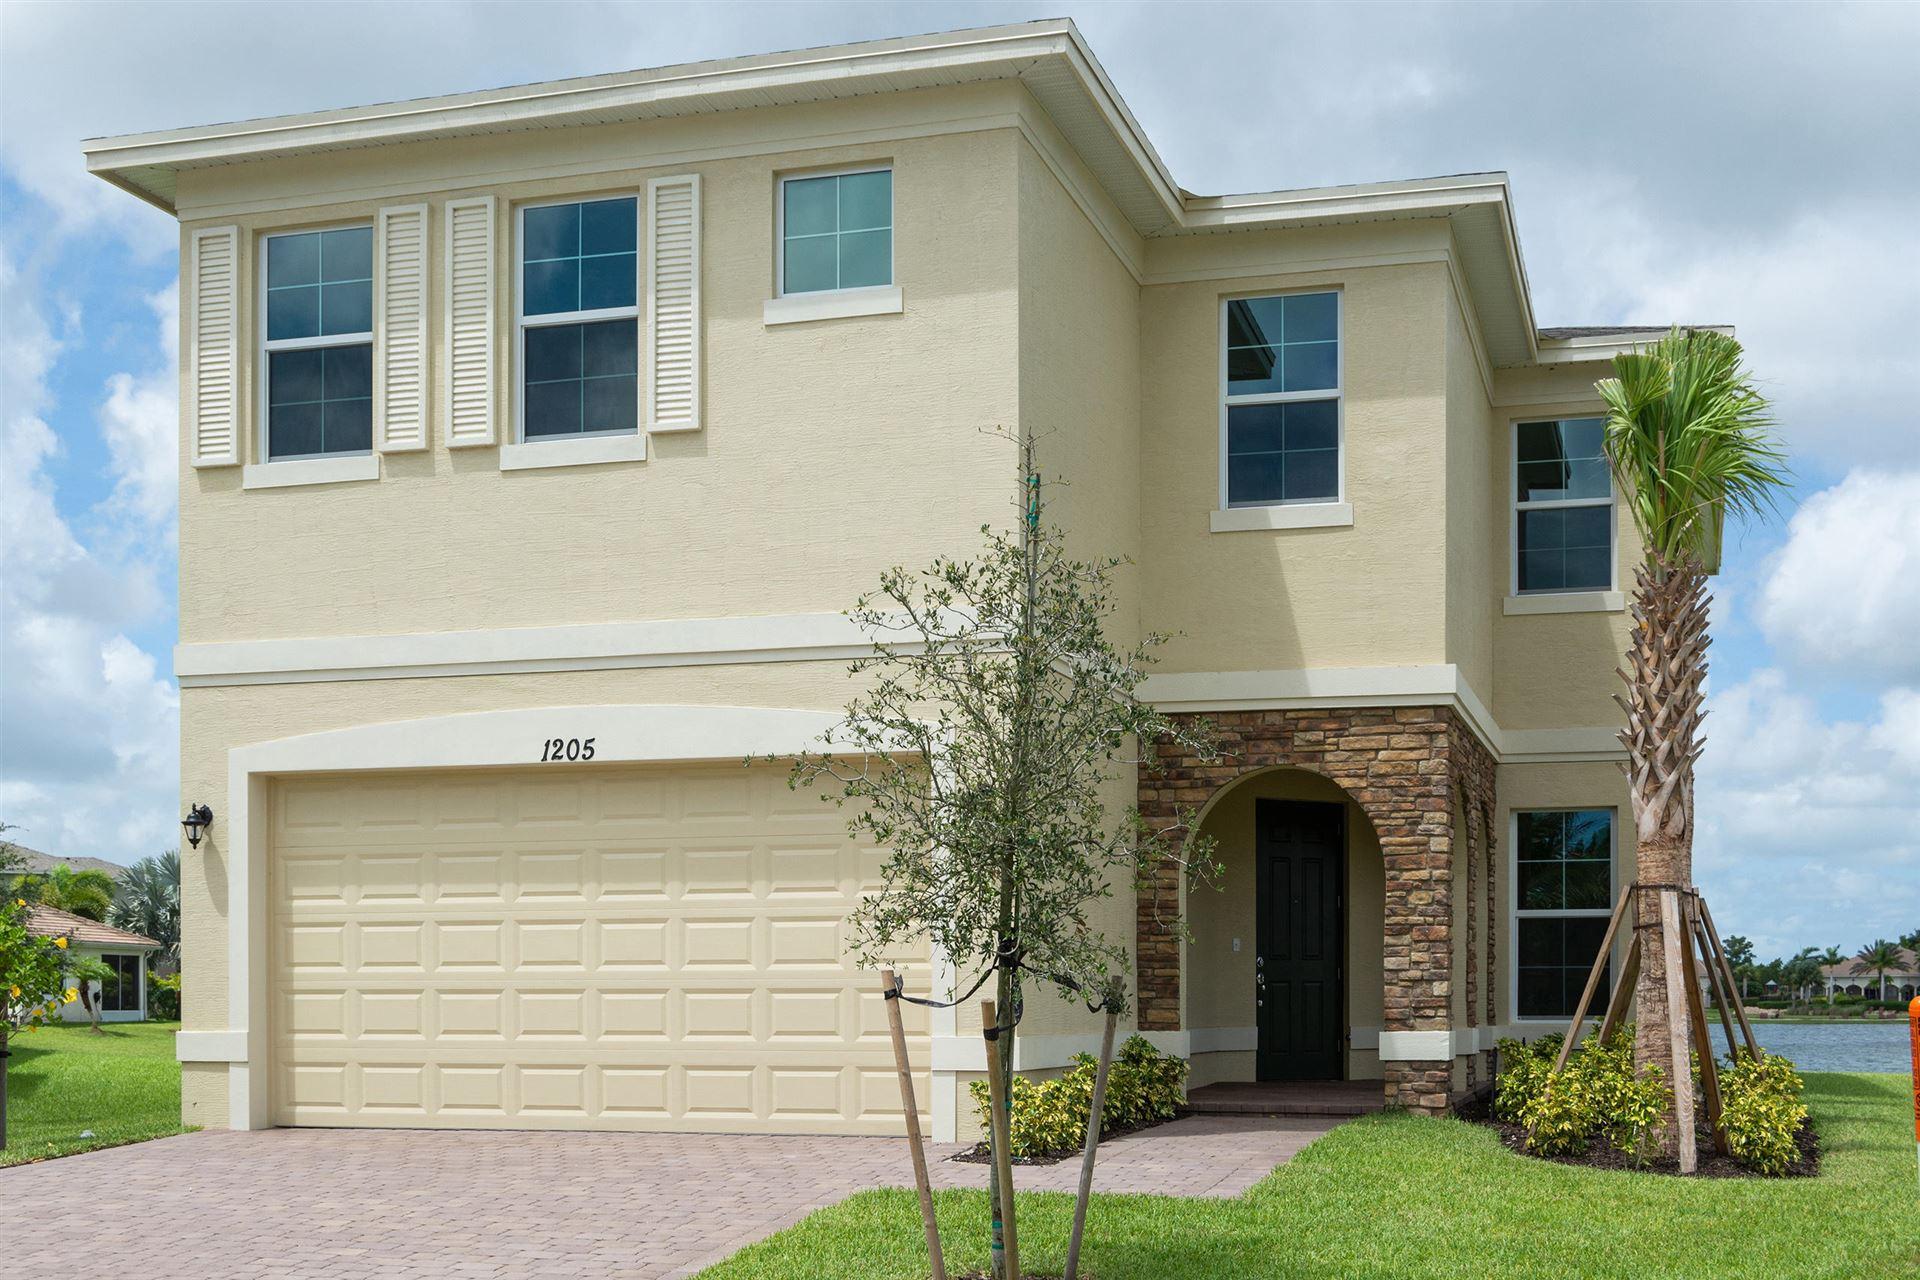 1205 NW Fiorenza Court, Port Saint Lucie, FL 34986 - #: RX-10643722